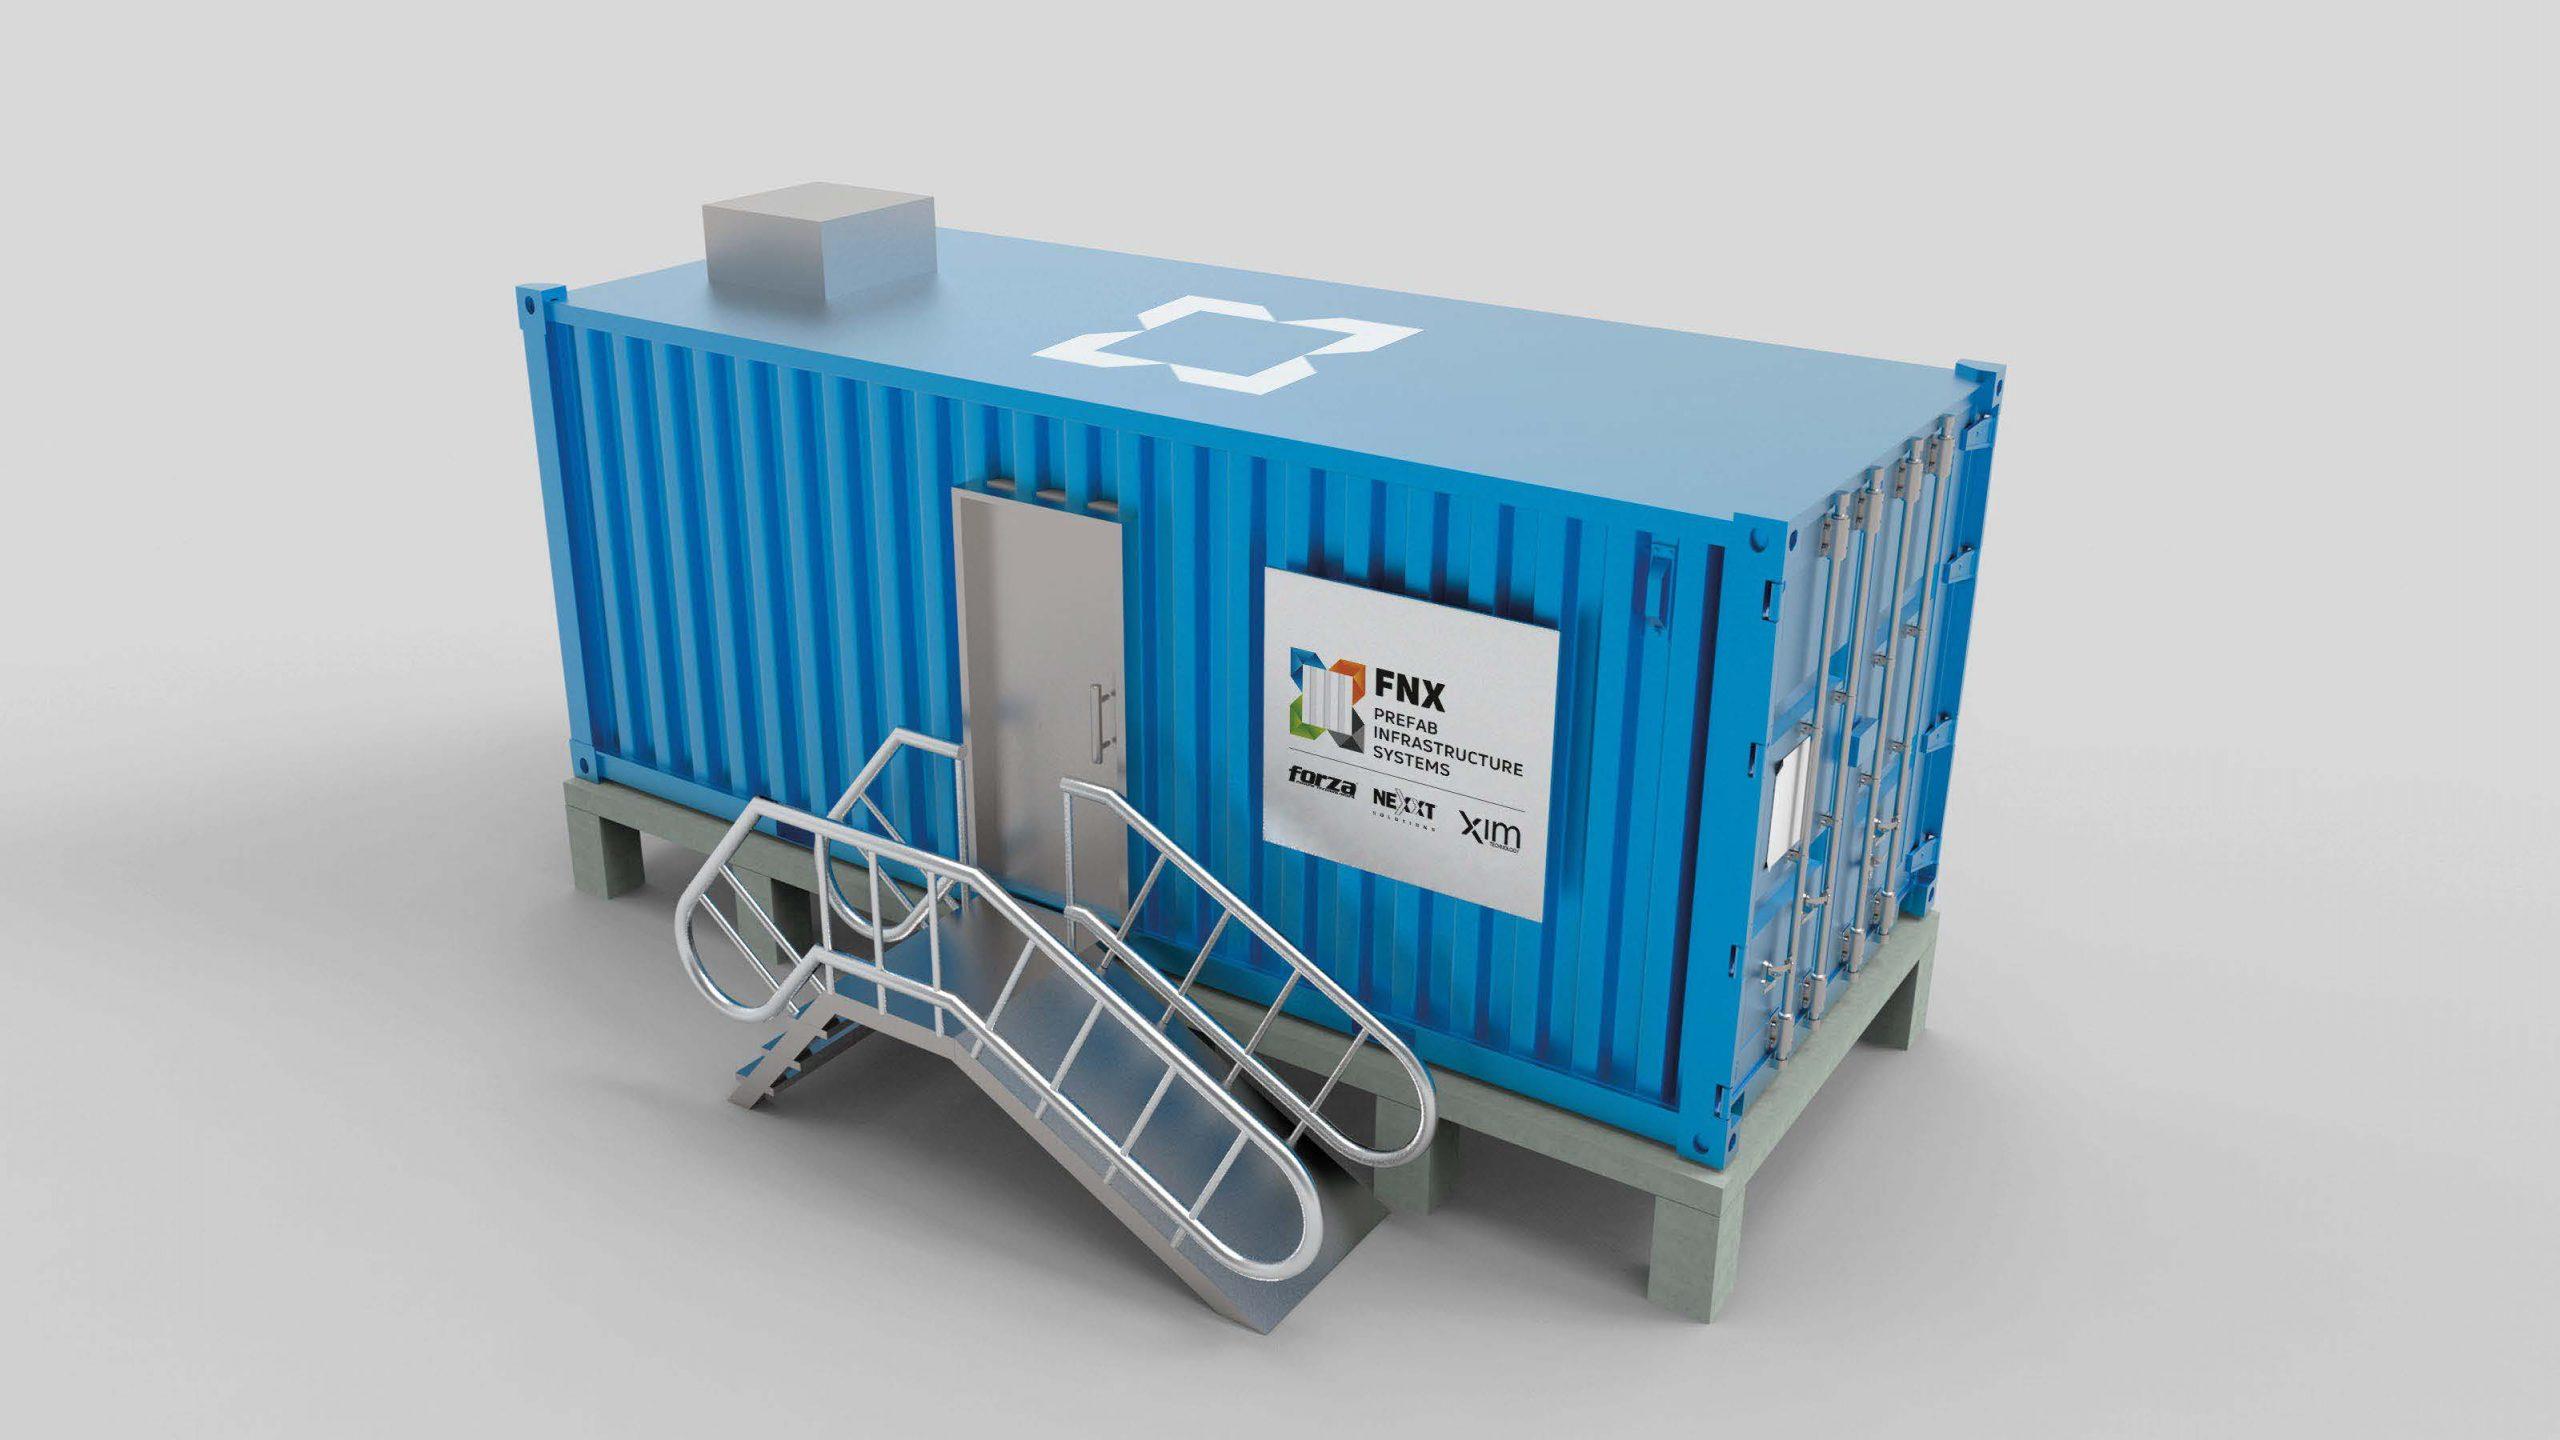 Foto de FNX la nueva alianza de Forza, Nexxt Solutions y XIM para Data Centers prefabricados